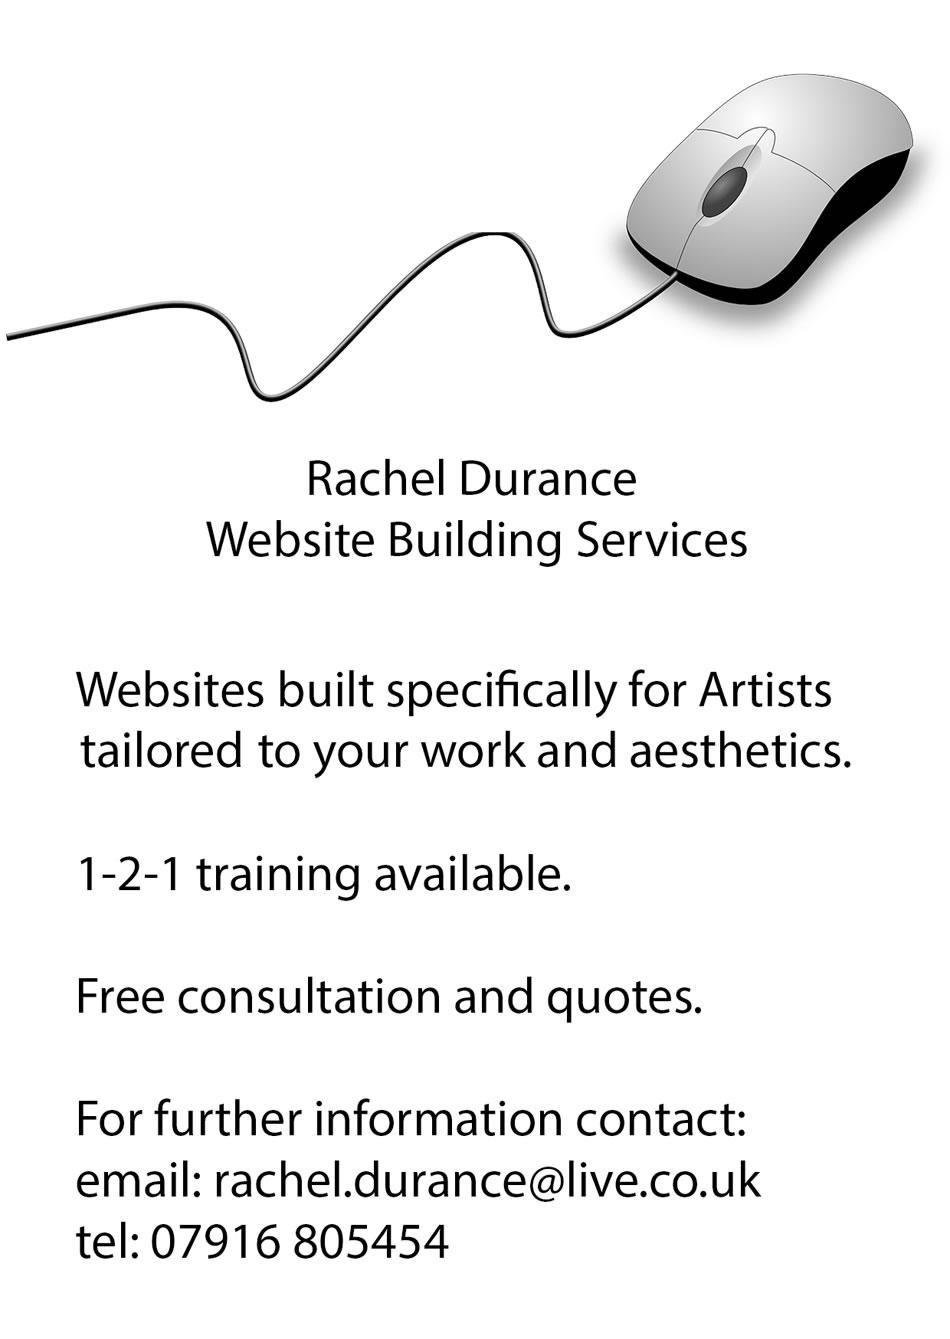 Rachel Durance Web Building Services